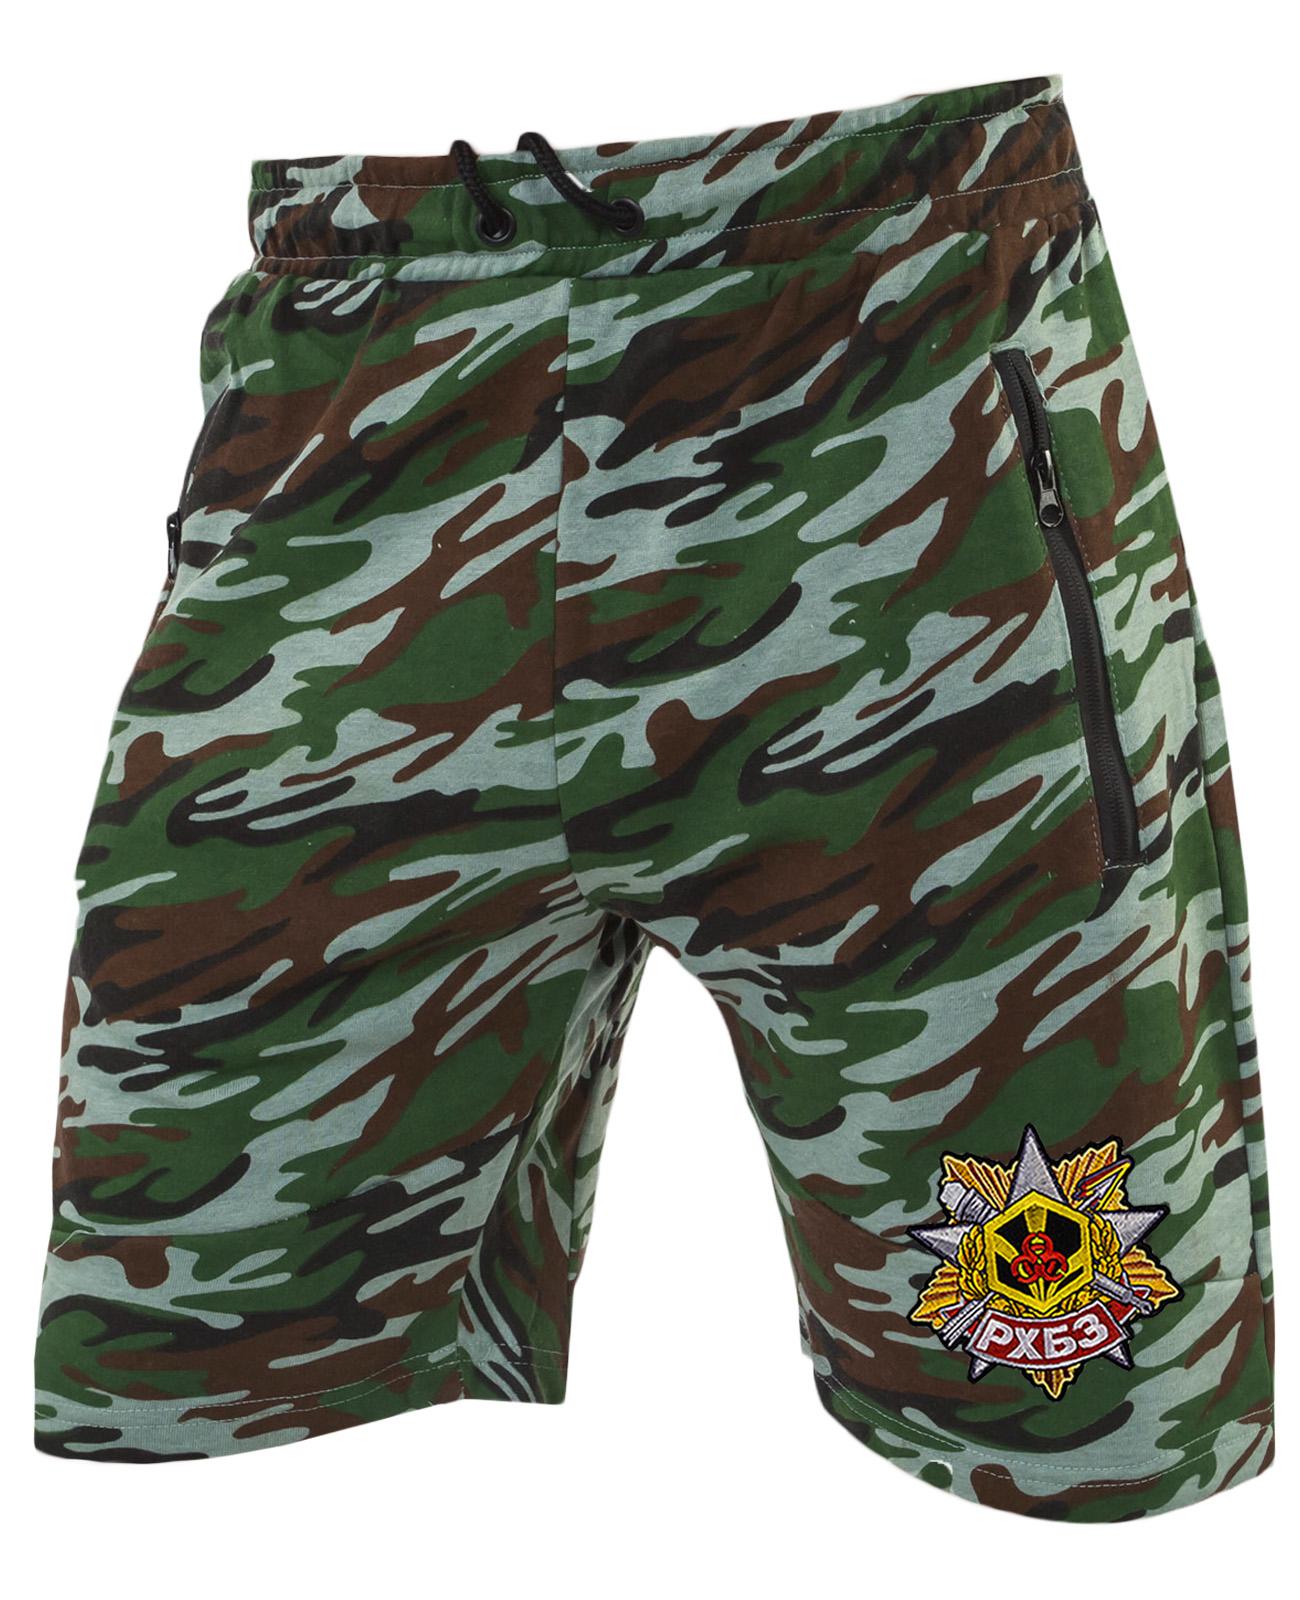 Удобные удлиненные шорты с карманами и нашивкой РХБЗ